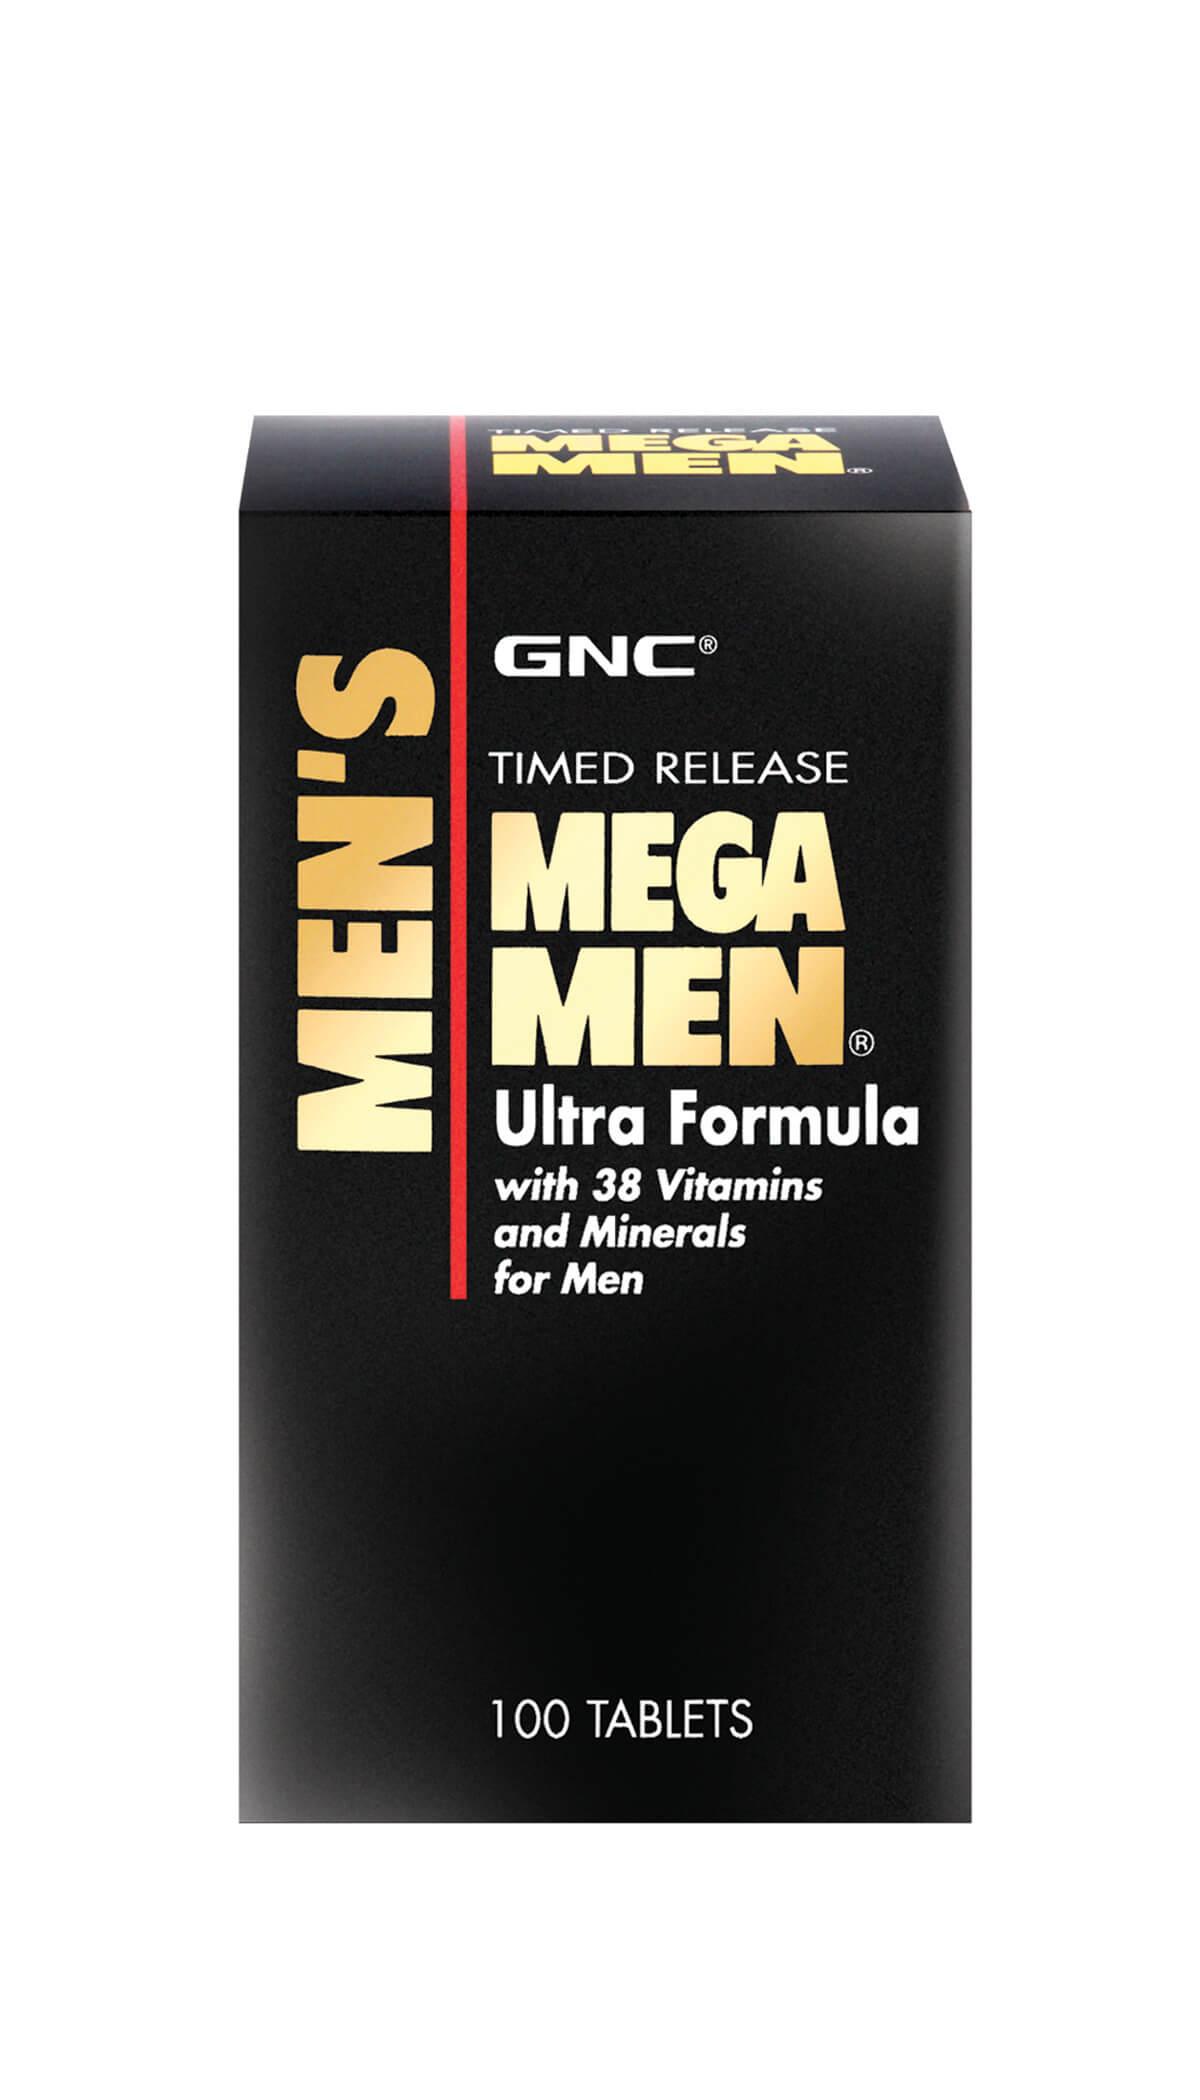 Mega Men Ultra